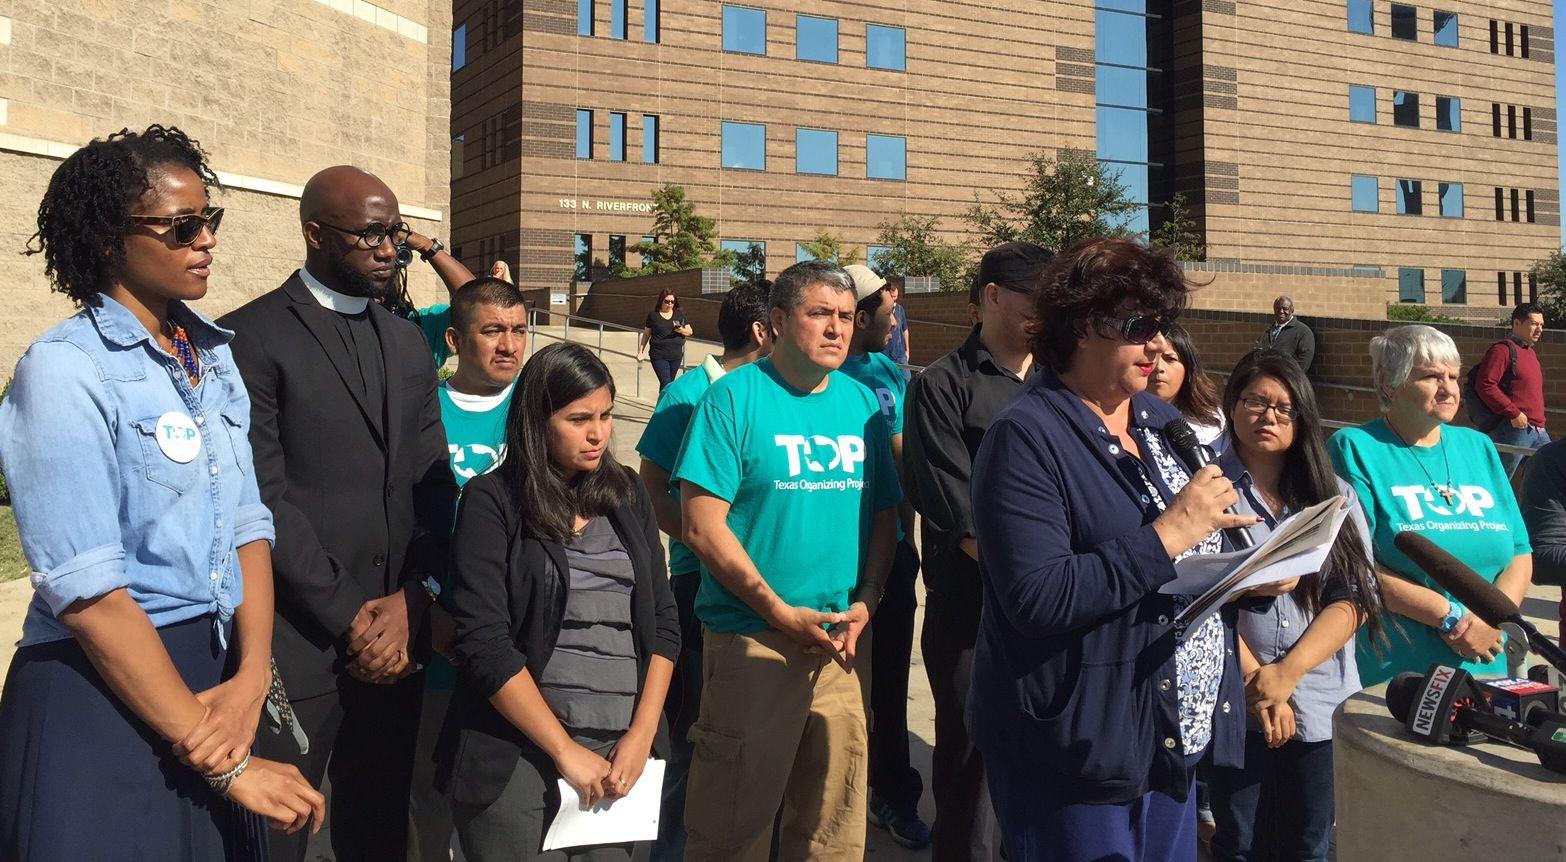 Integrantes de la Coalición de Inmigración del Norte de Texas exigieron que la sheriff Lupe Valdez suspenda la colaboración con la Agencia de Inmigración y Aduanas (ICE) y la retención de migrantes a punto de ser liberados de la cárcel del condado de Dallas.